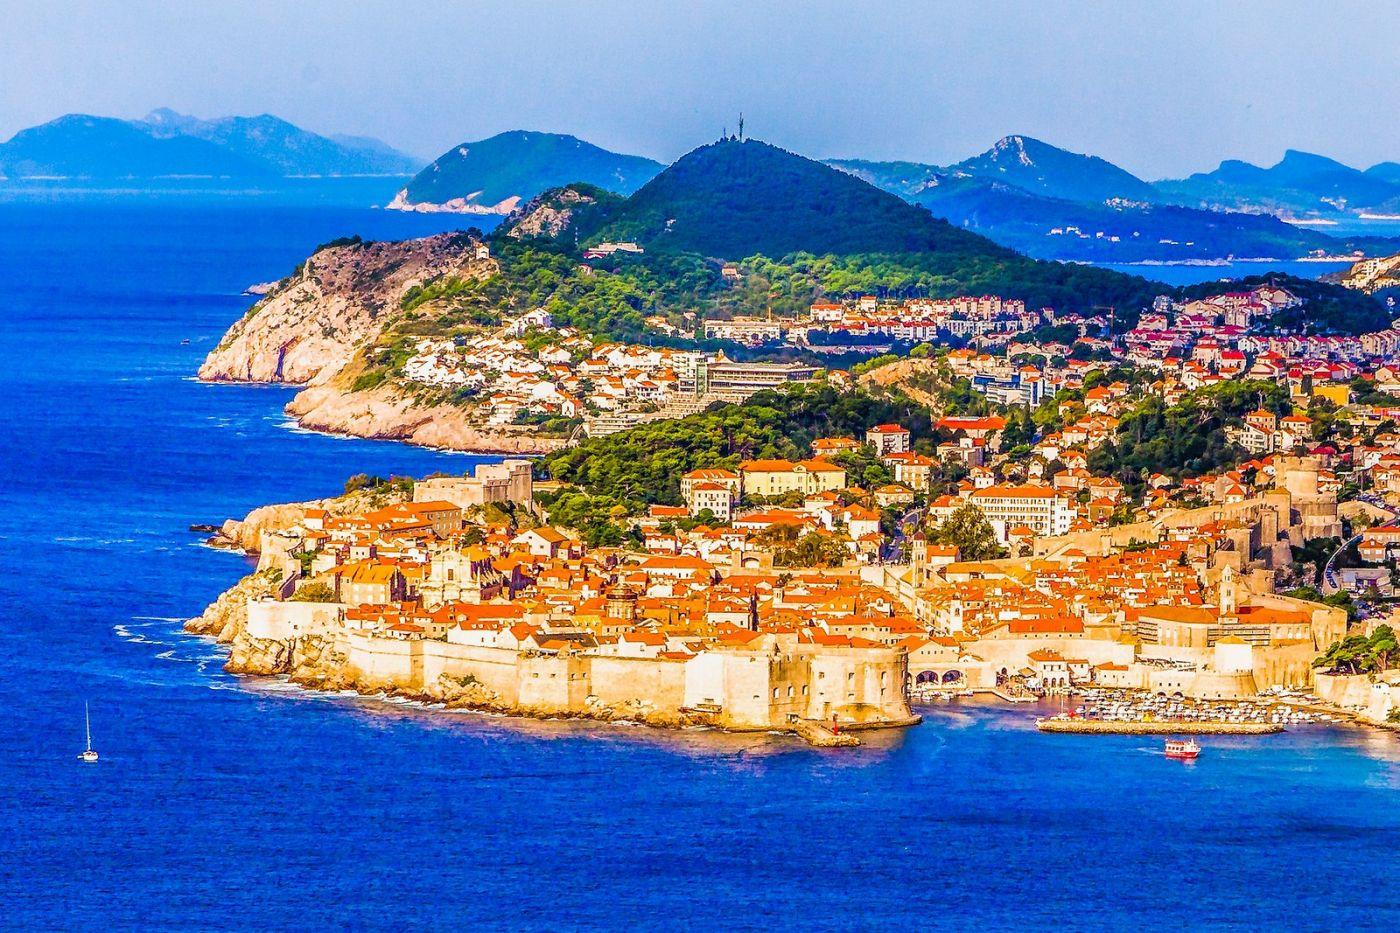 克罗地亚杜布罗夫尼克(Dubrovnik),远眺古城_图1-1